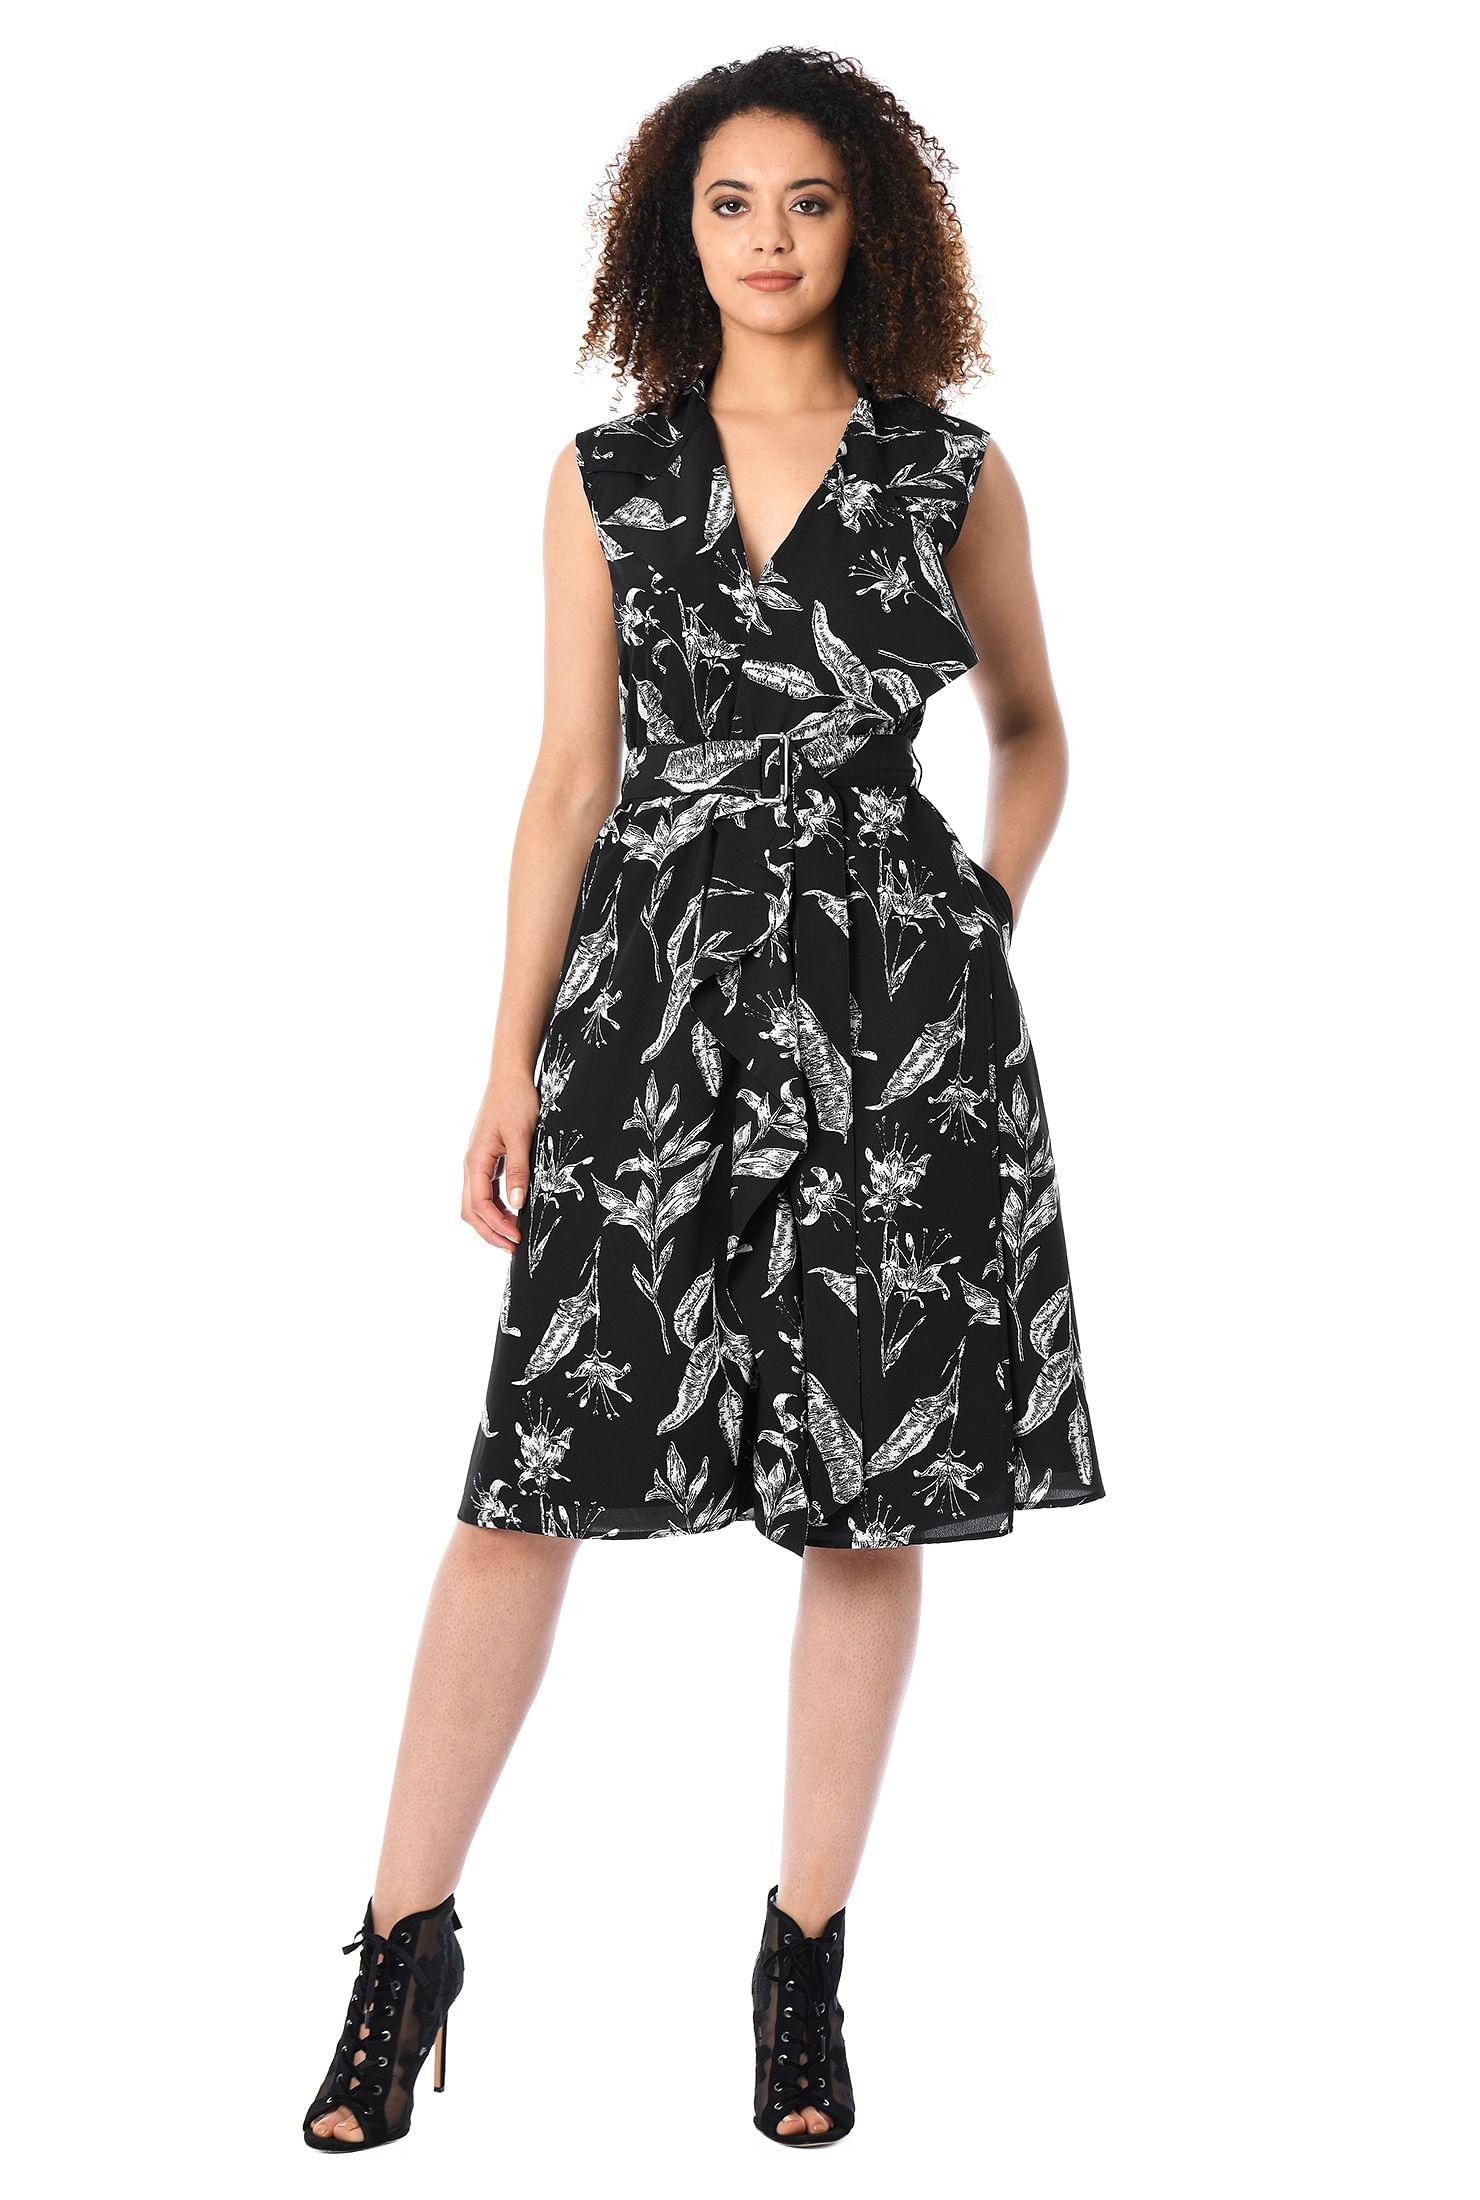 Black and white knee length dresses